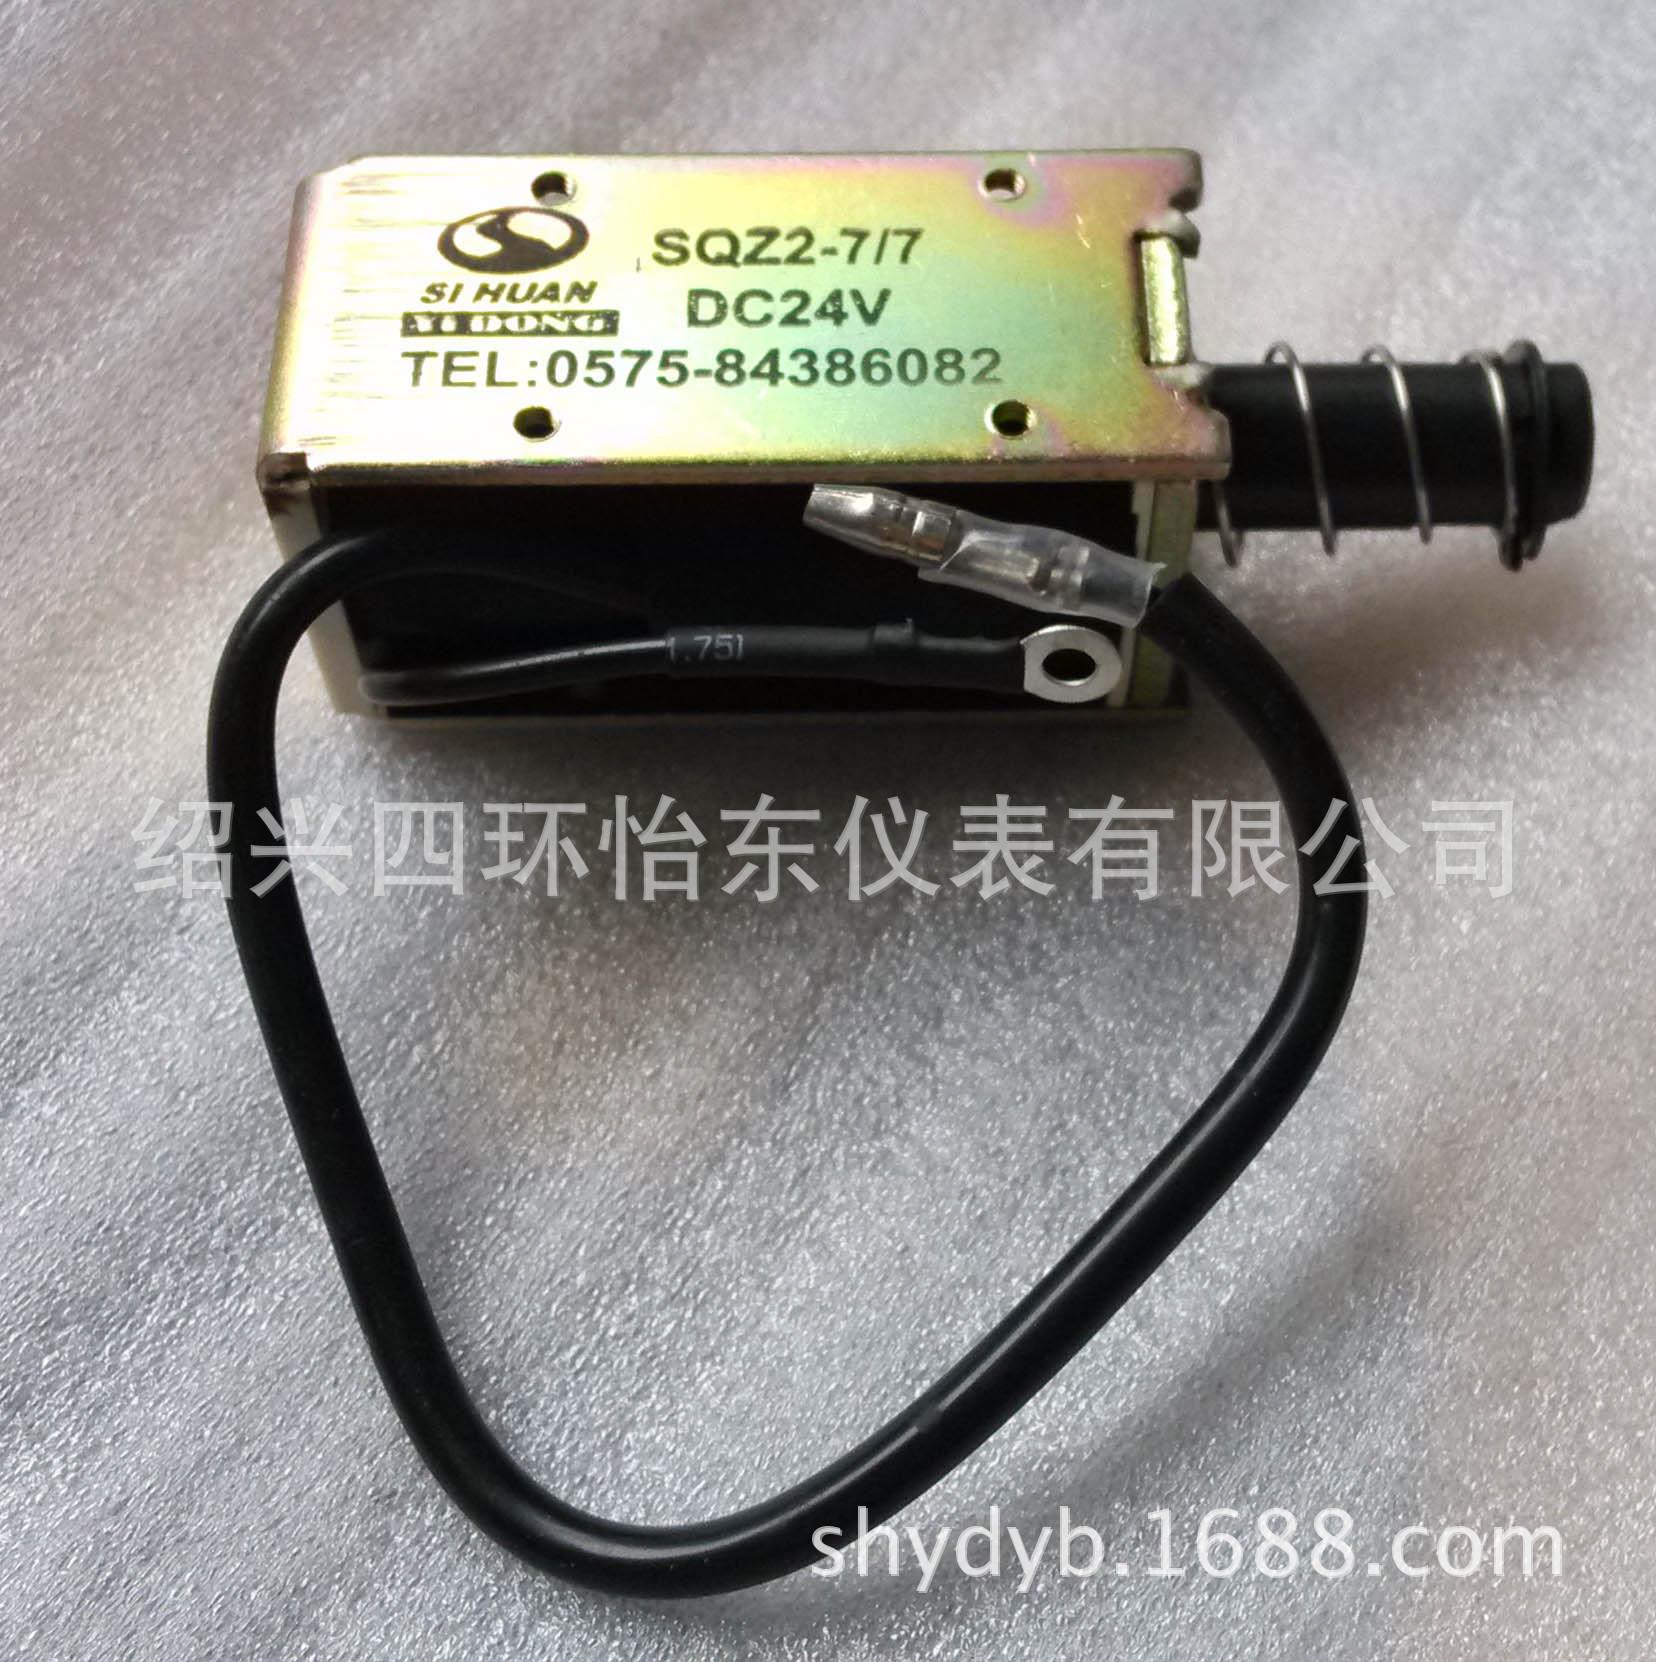 供应推拉式电磁铁|直流电磁铁|牵引电磁铁 中号SQZ2-7-7A